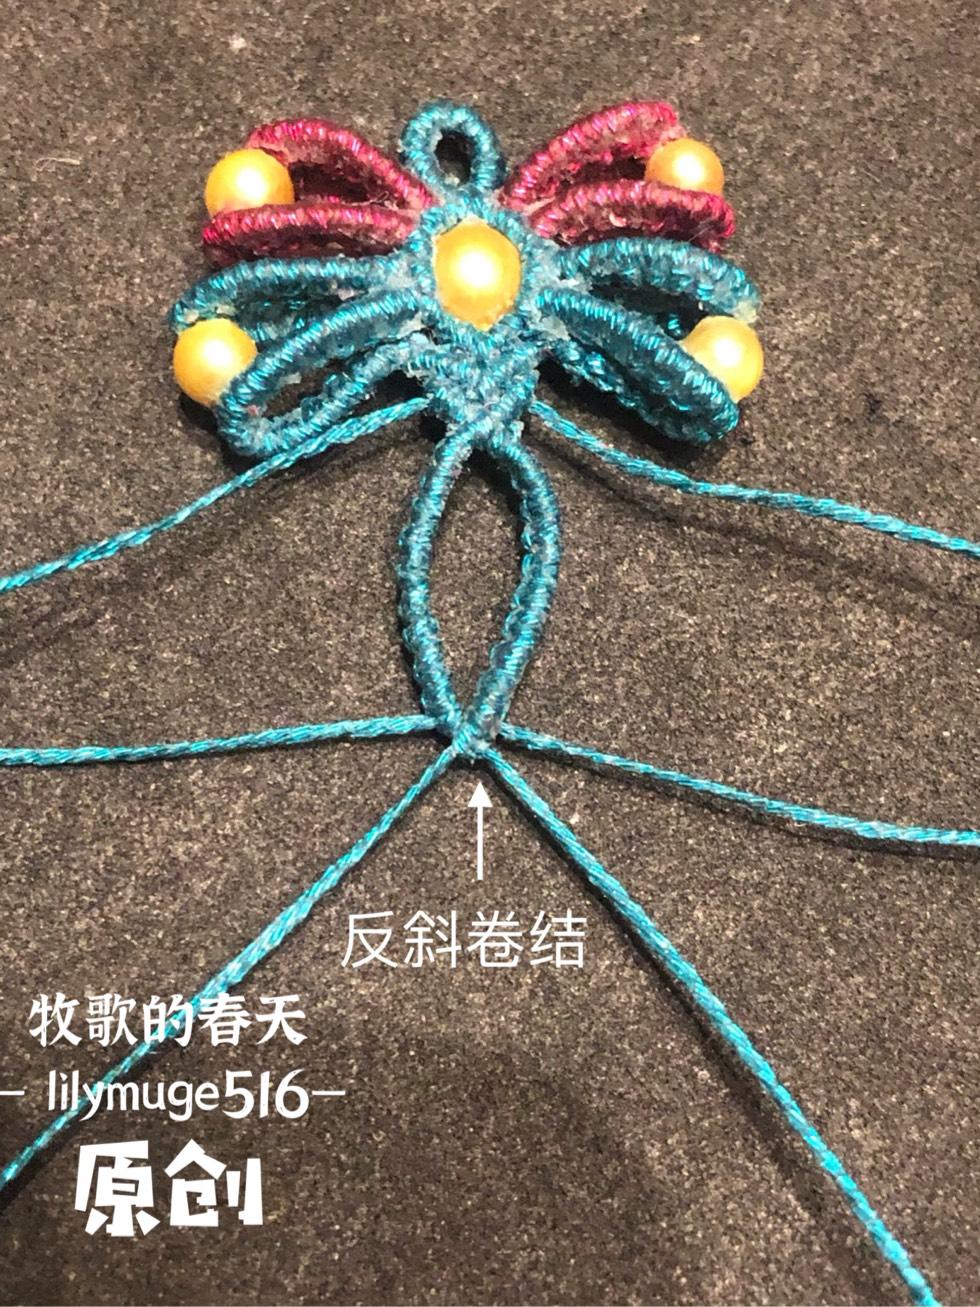 中国结论坛 原创 小蝴蝶教程 教程,蝴蝶手工折纸步骤图,小蝴蝶花朵的钩法视频,小蝴蝶怎么做手工,手工编织小蝴蝶教程 图文教程区 102541snnnh3uxnn4nv4i5